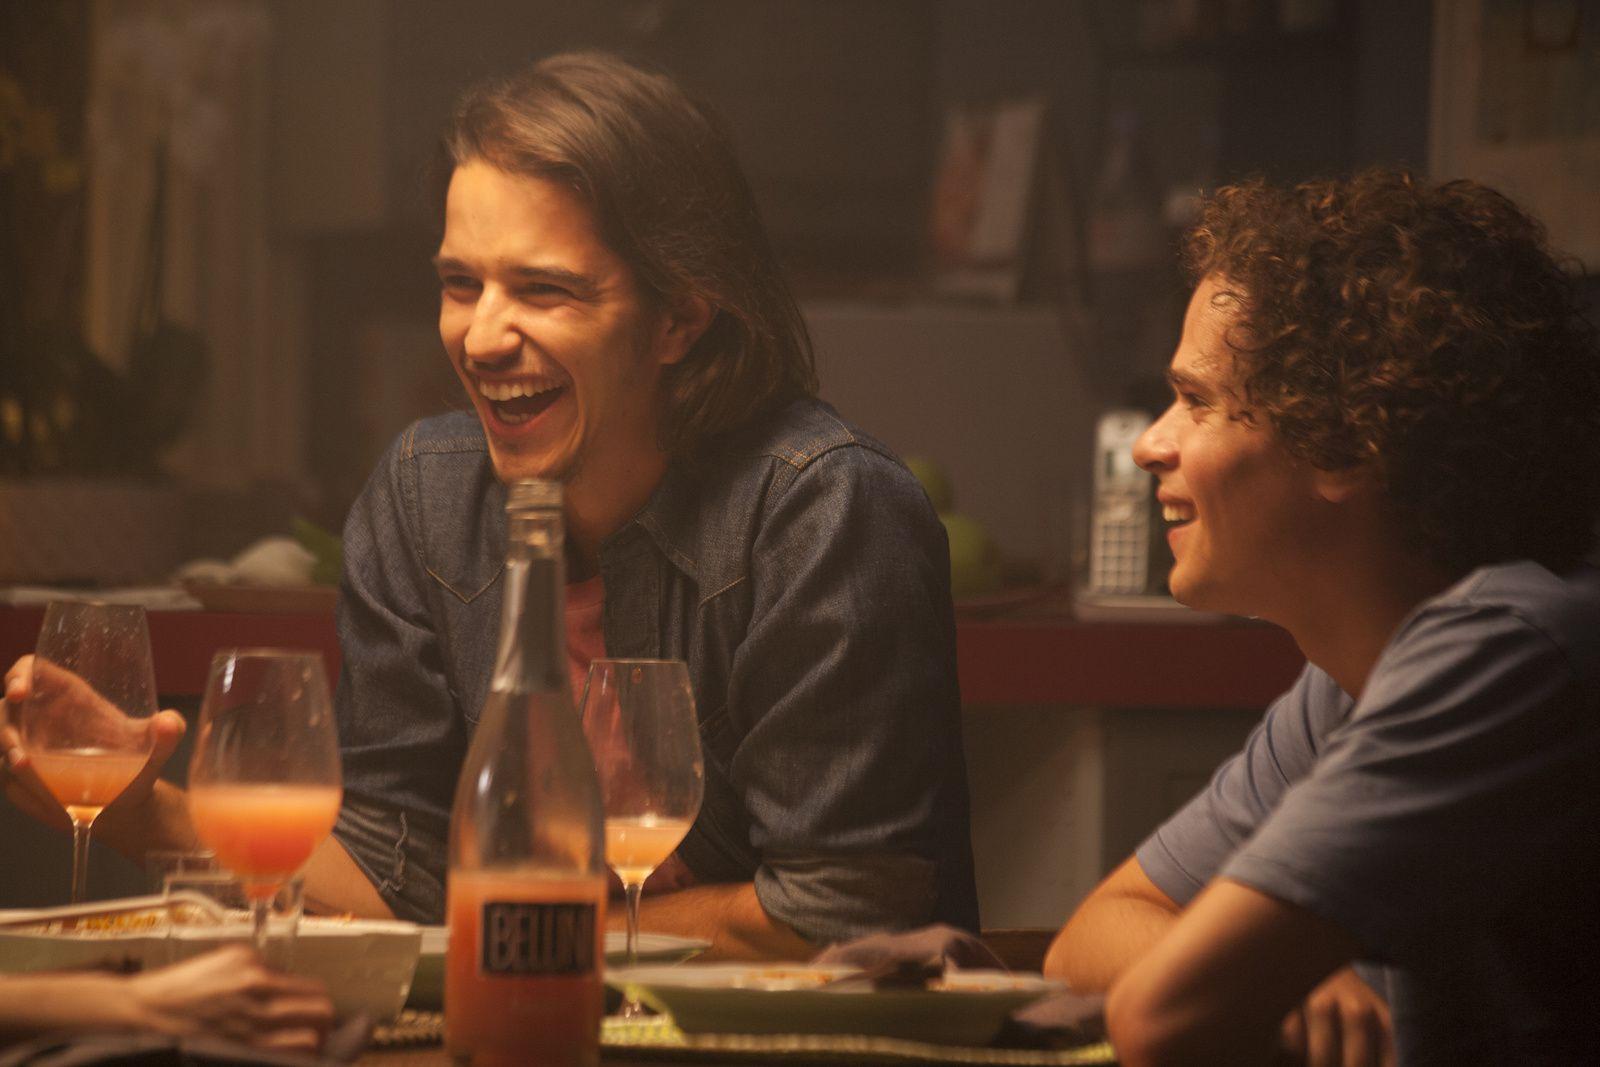 Summertime : la bande-annonce du film de Gabriele Muccino - Le 16 août 2017 au cinéma